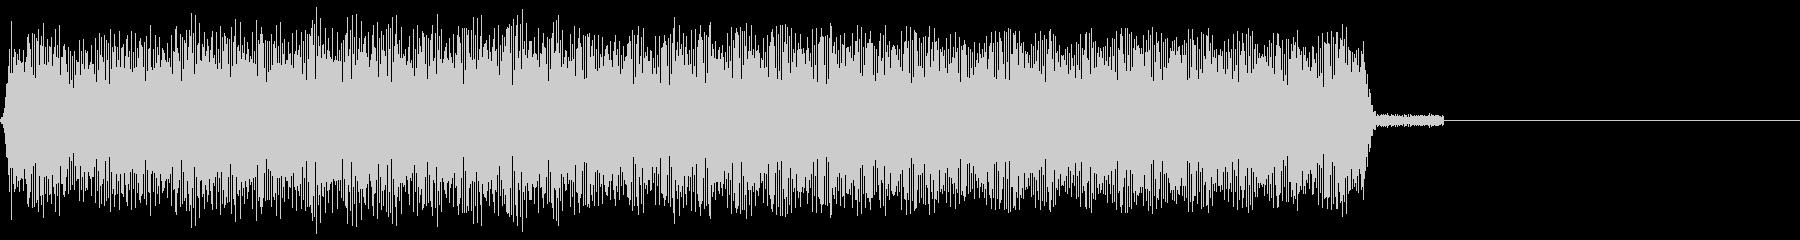 トラックchevホーンhonkソロmedの未再生の波形